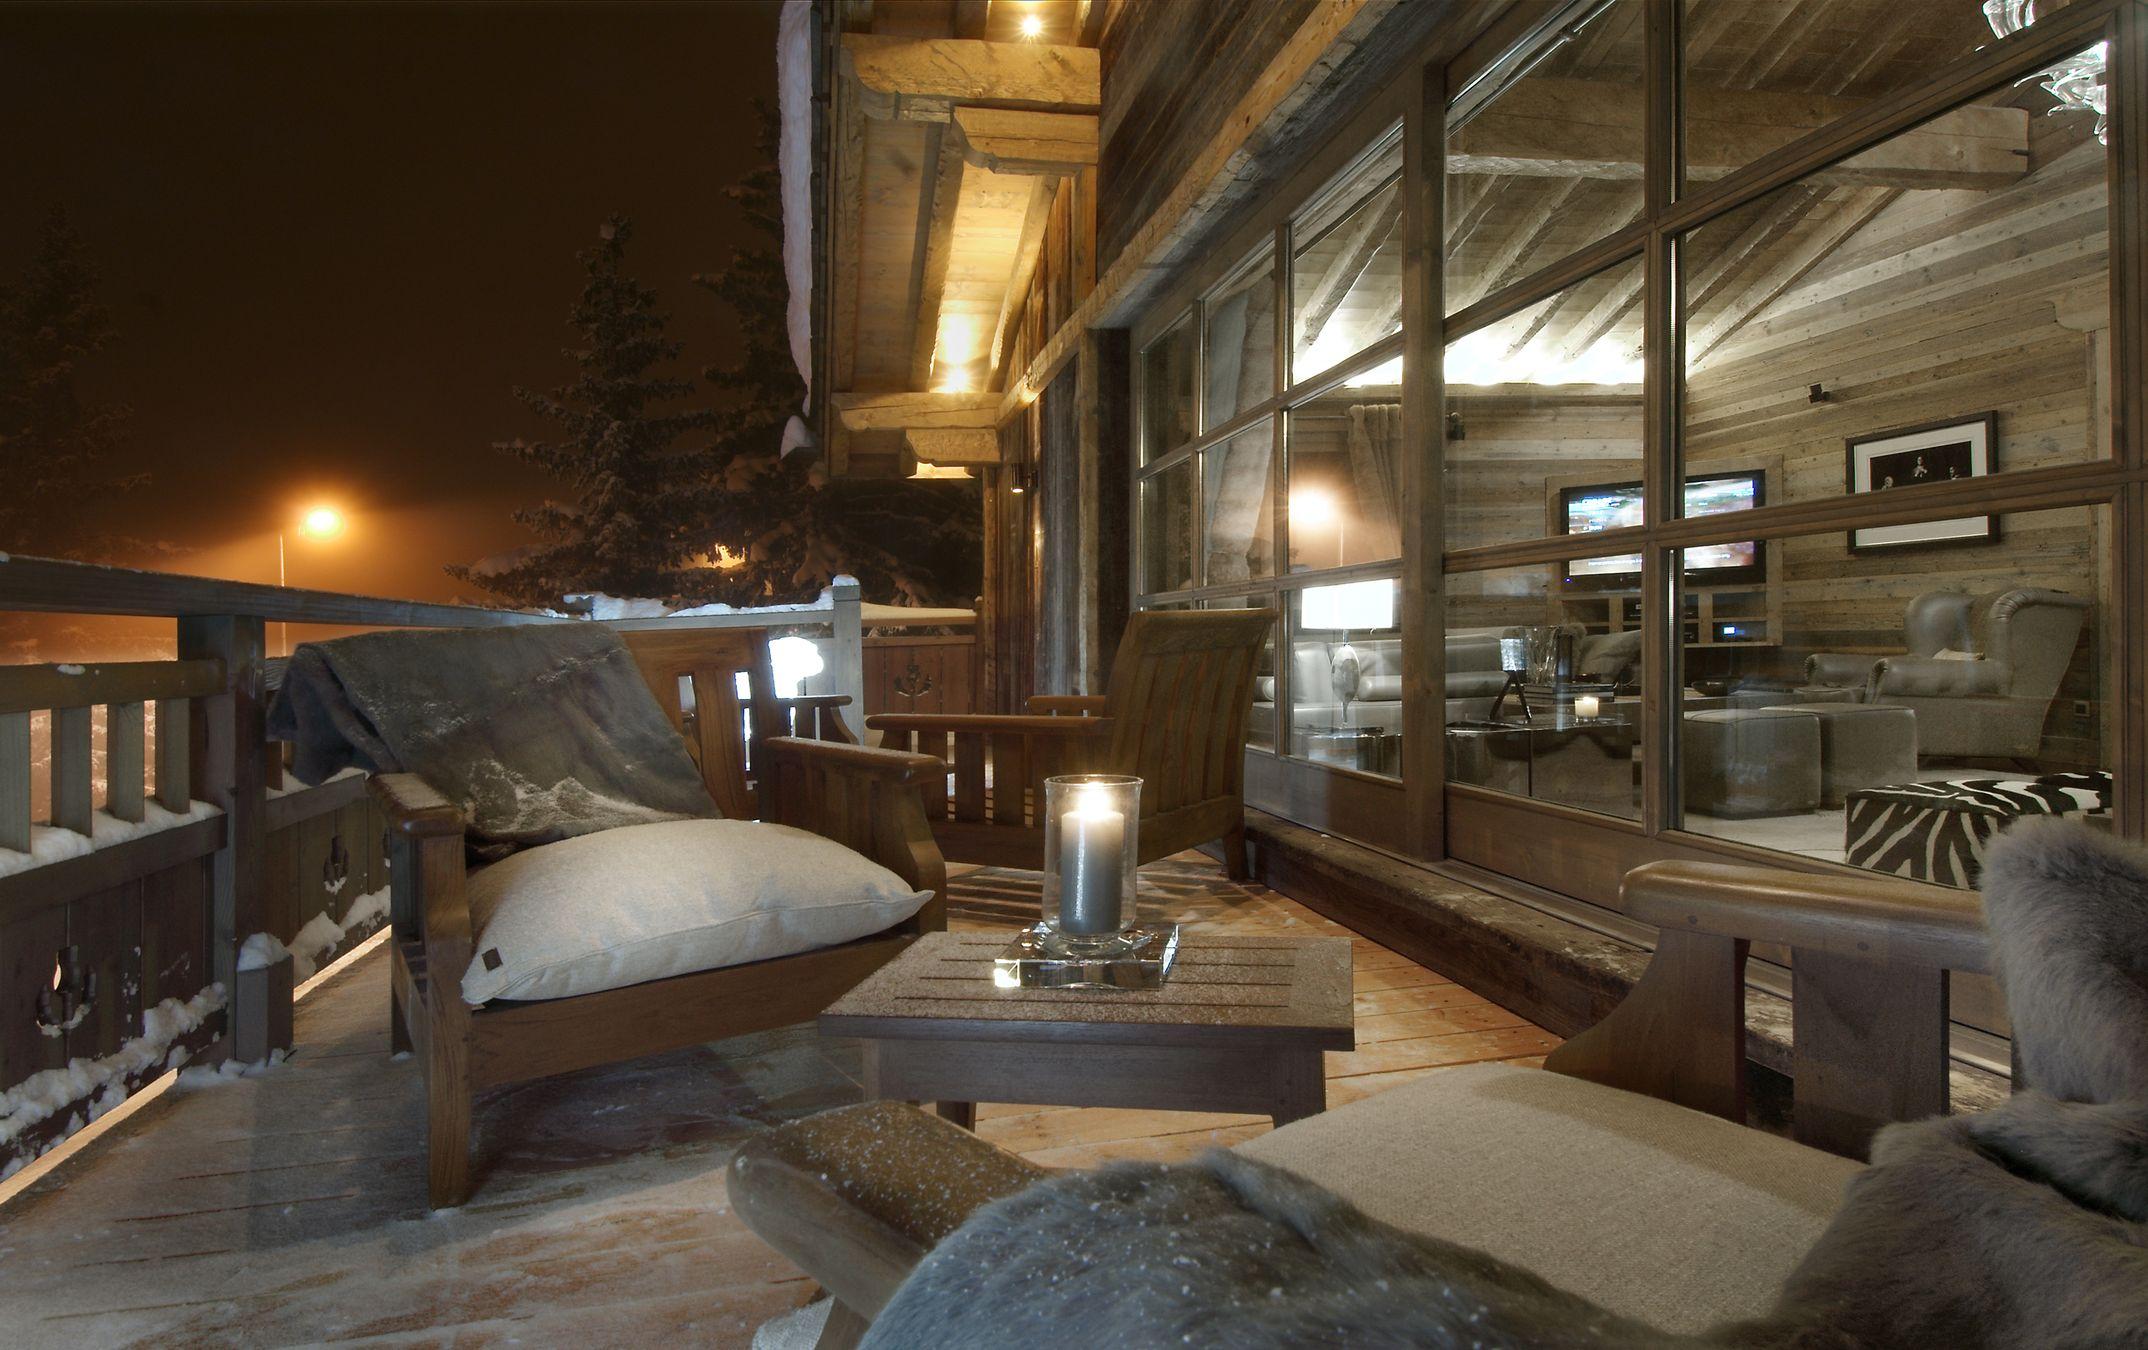 location chalet courchevel 1850 14 personnes monic1203. Black Bedroom Furniture Sets. Home Design Ideas